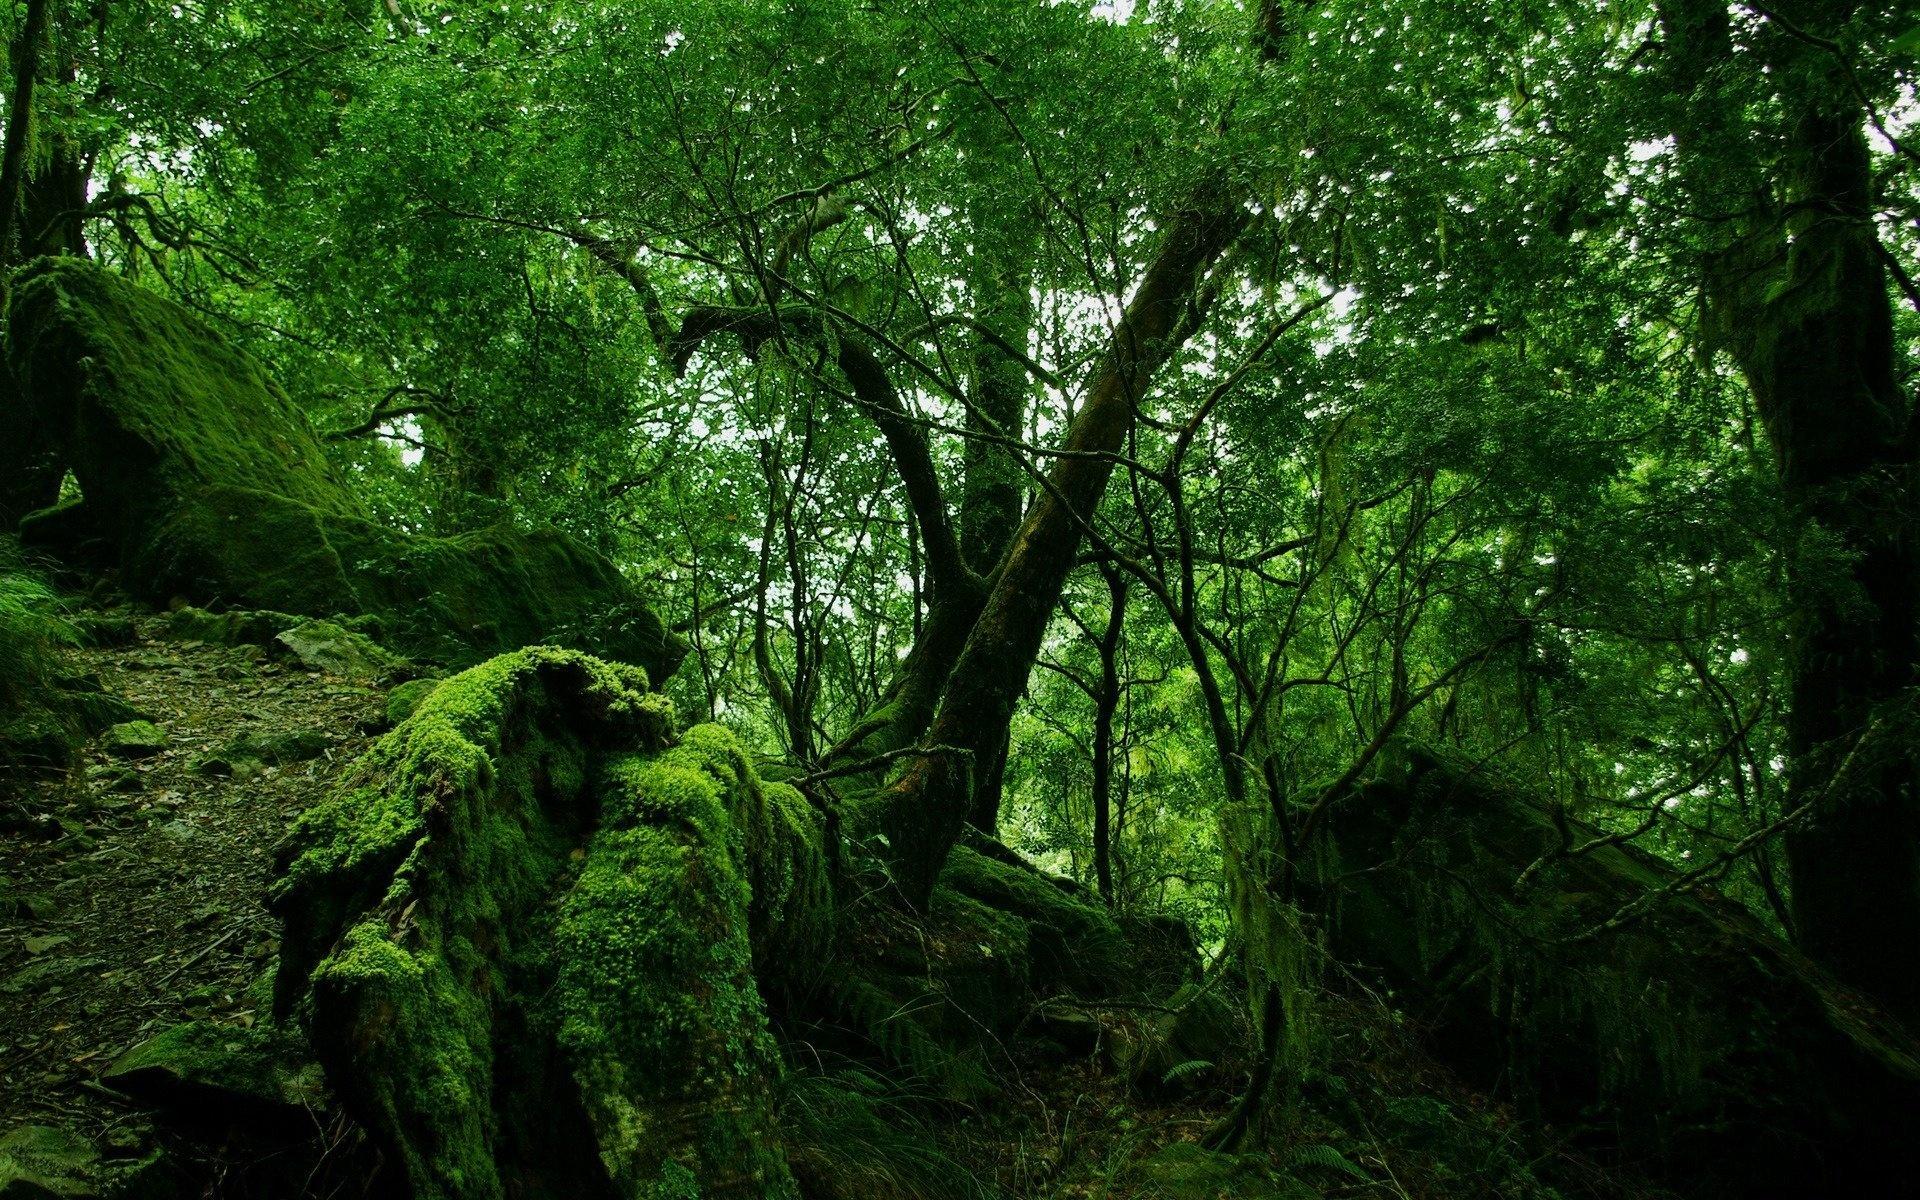 forest moss wallpaper 34399